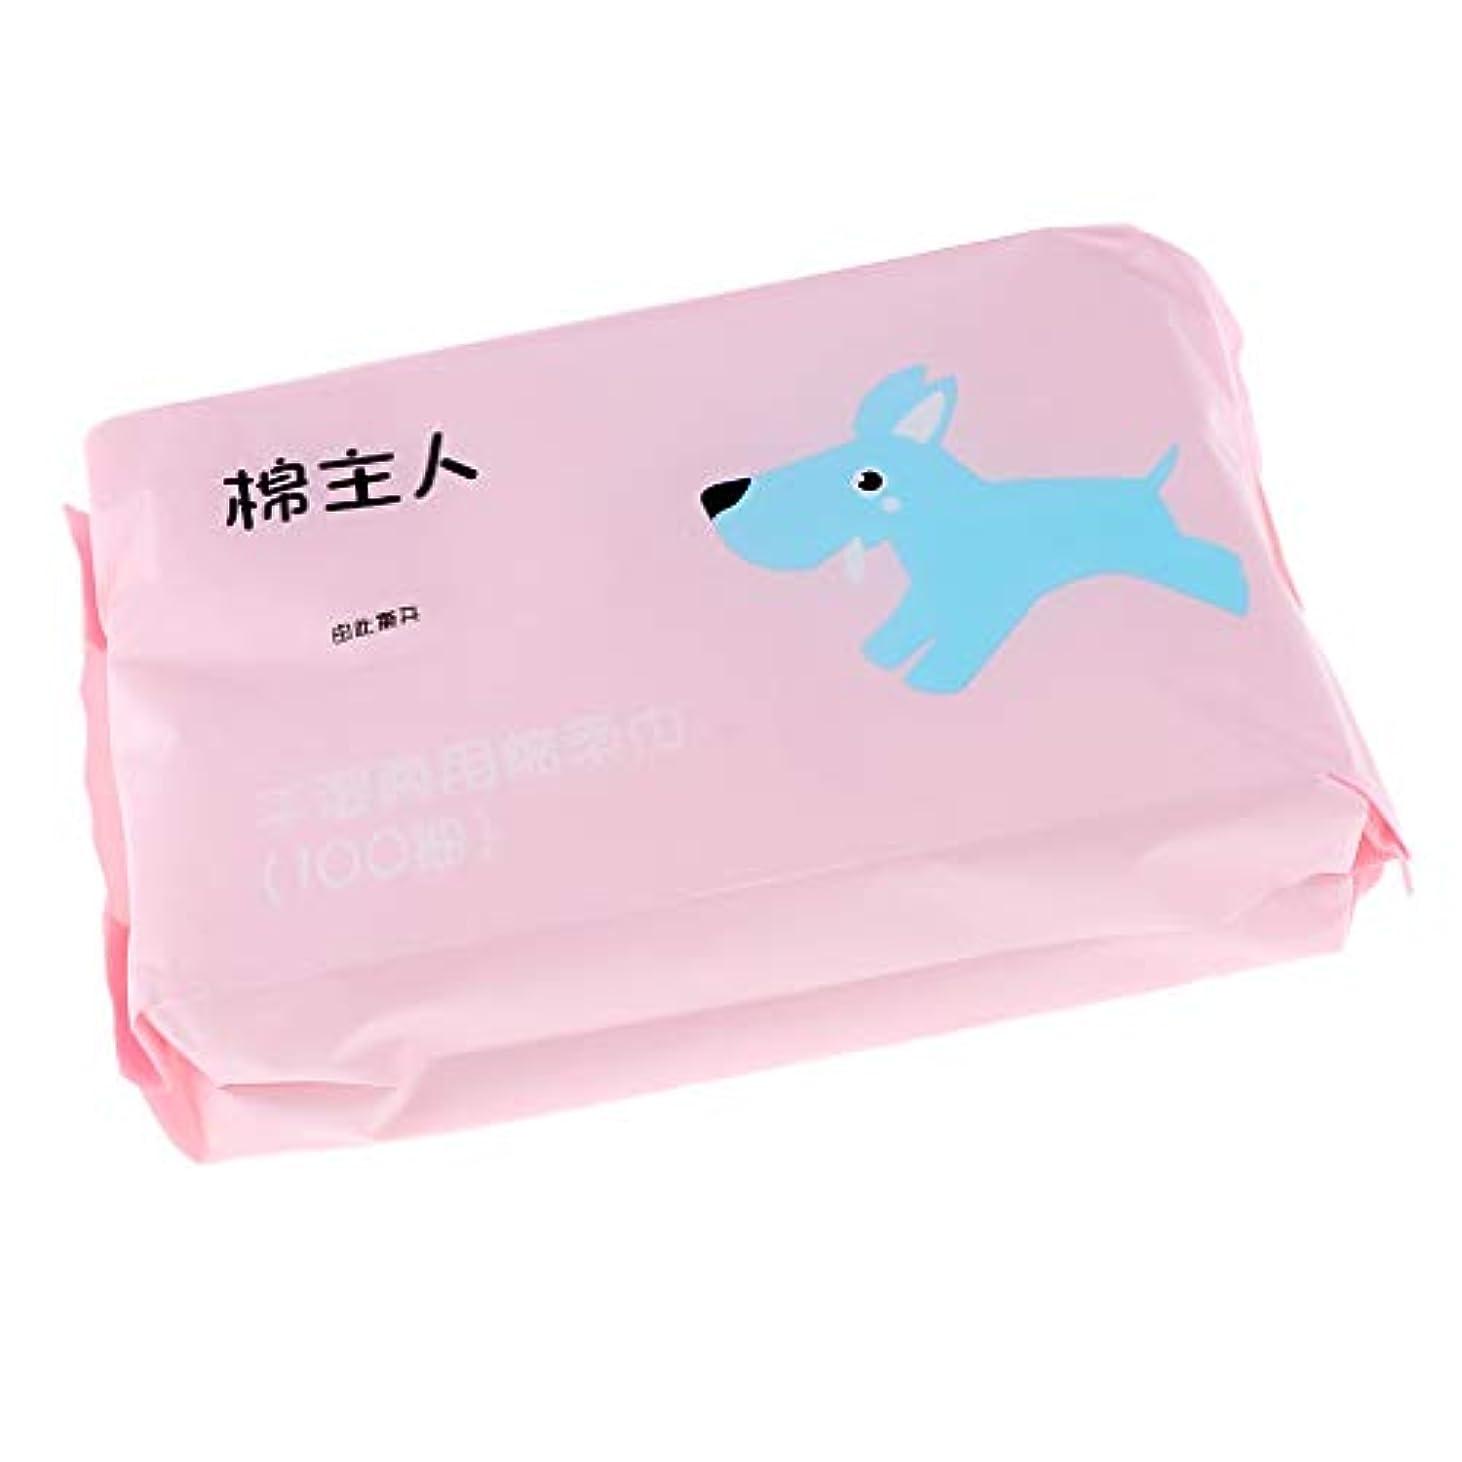 自発的時制スパークSharplace 約100枚 クレンジングシート メイク落とし 使い捨て 不織布 非刺激 清潔 衛生 全2色 - ピンク